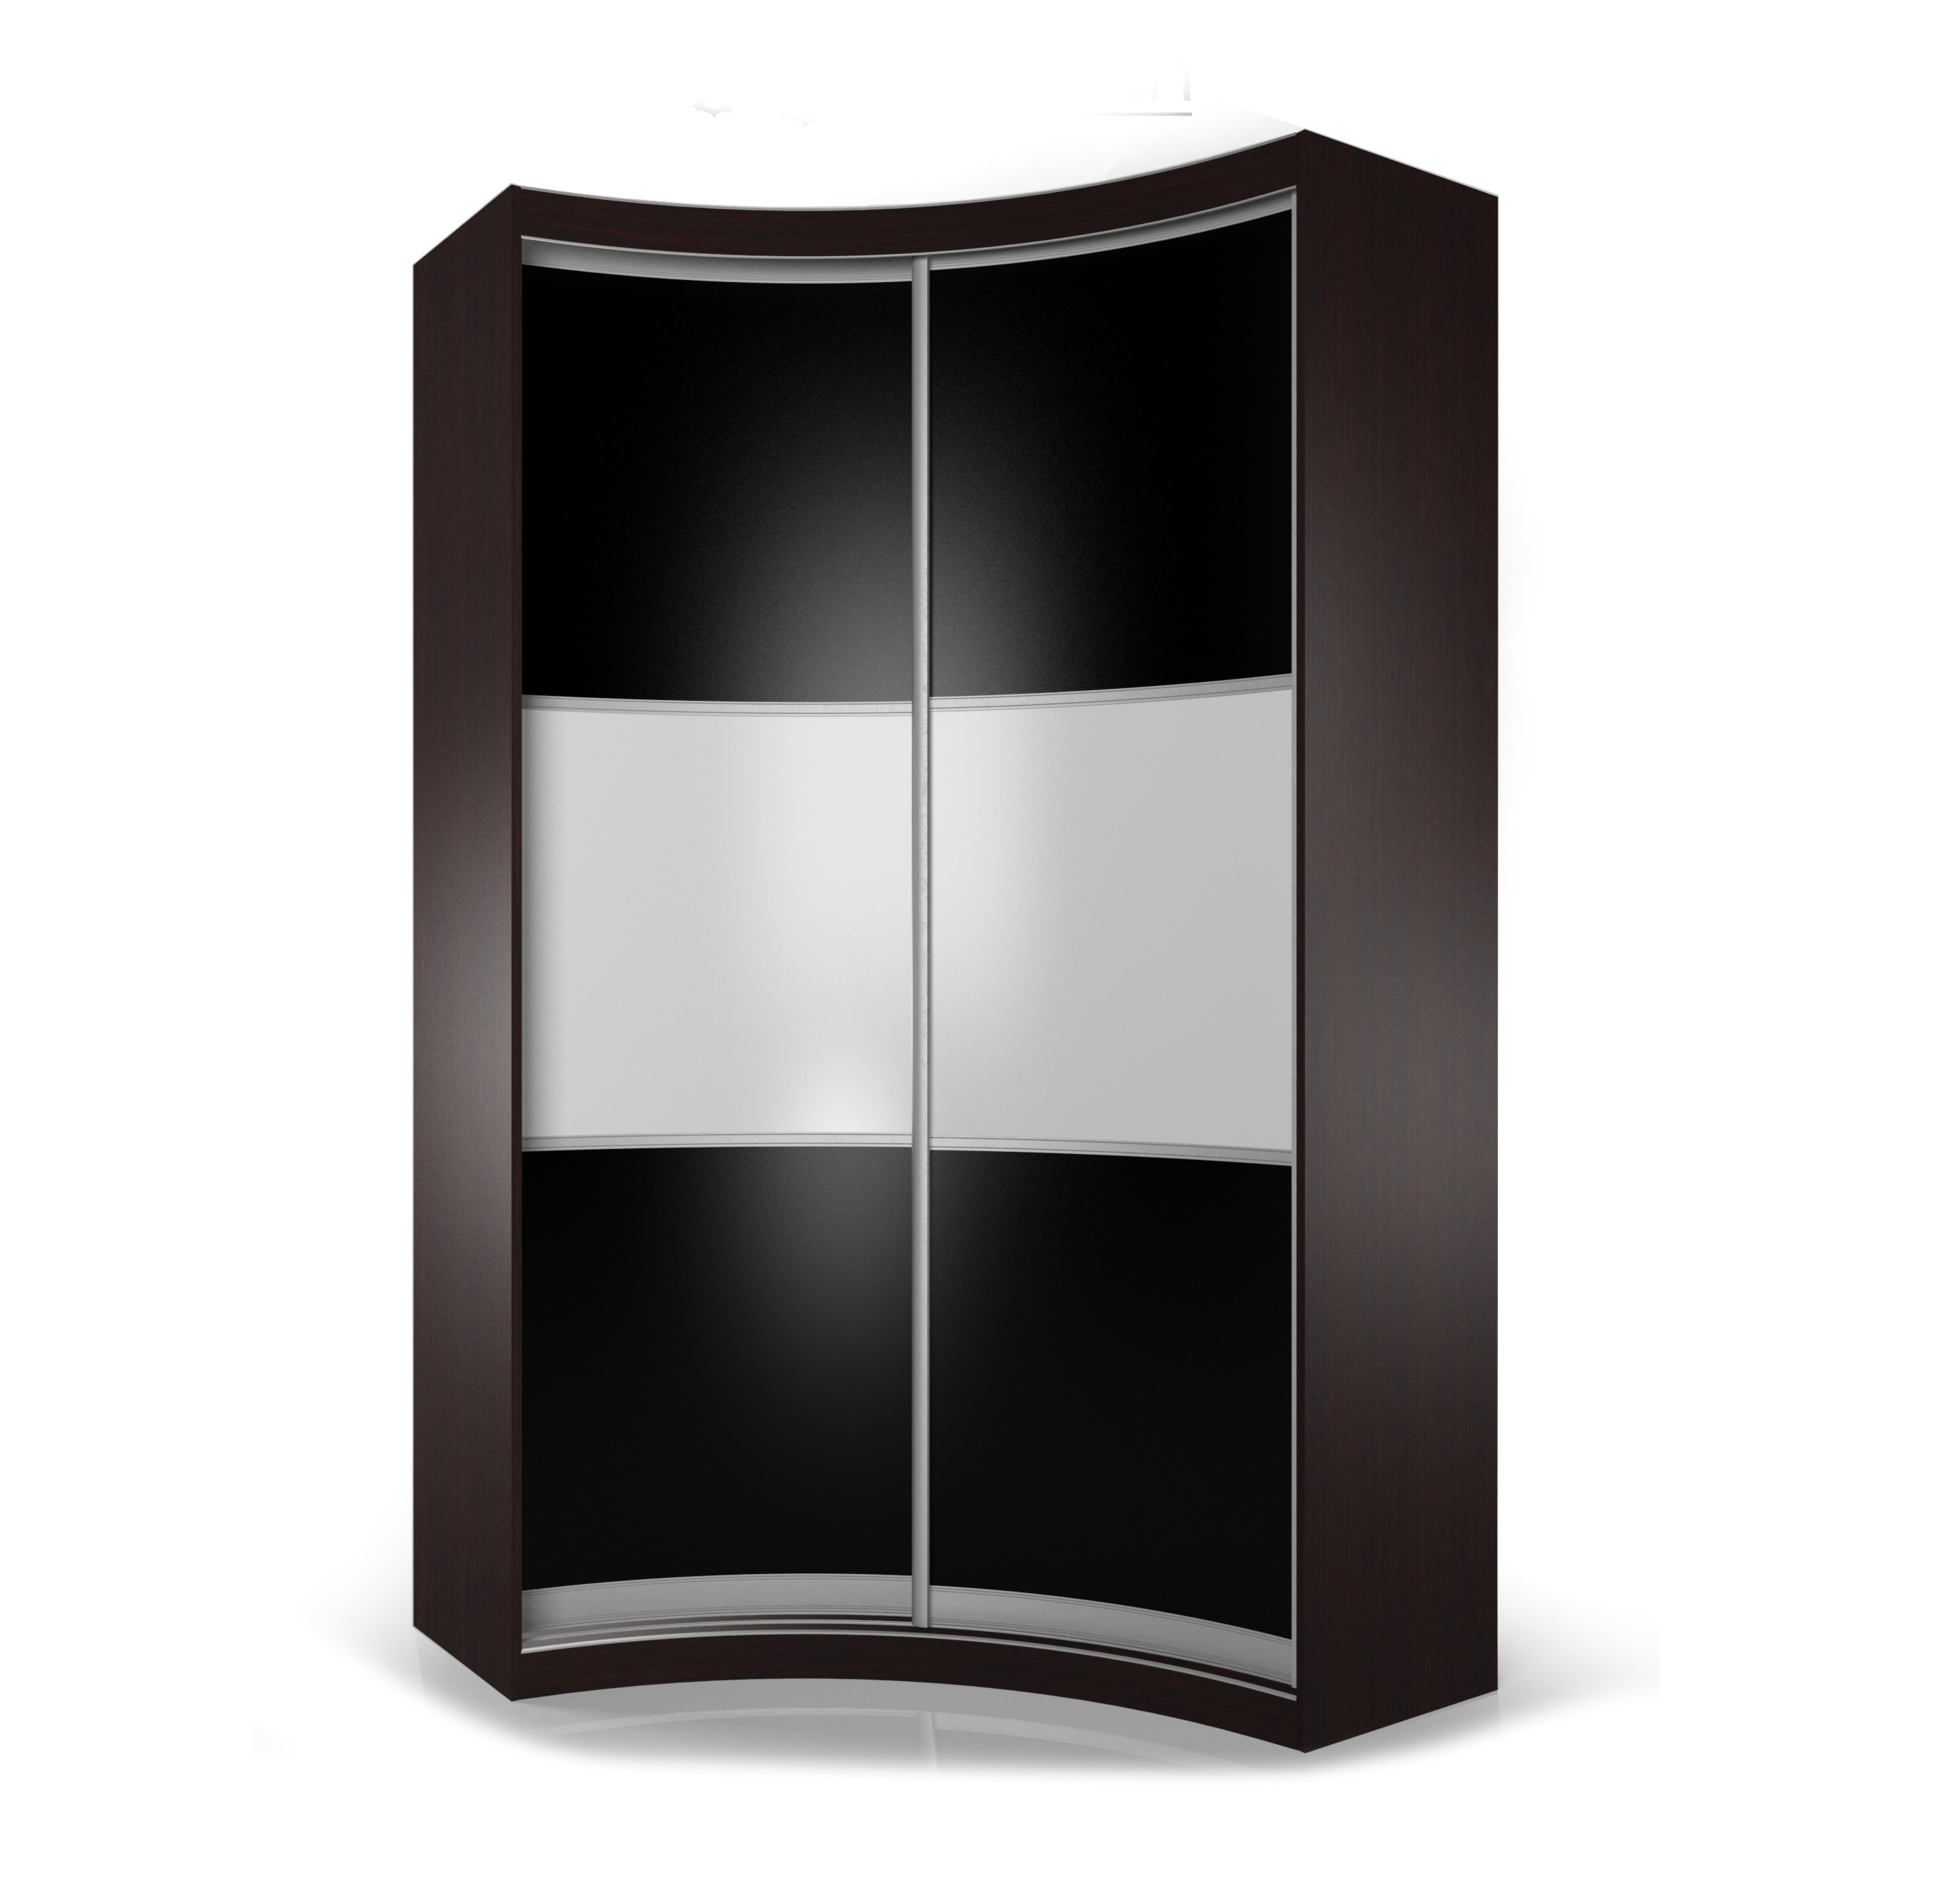 Угловой распашной шкаф радиусный мебель для спальни.